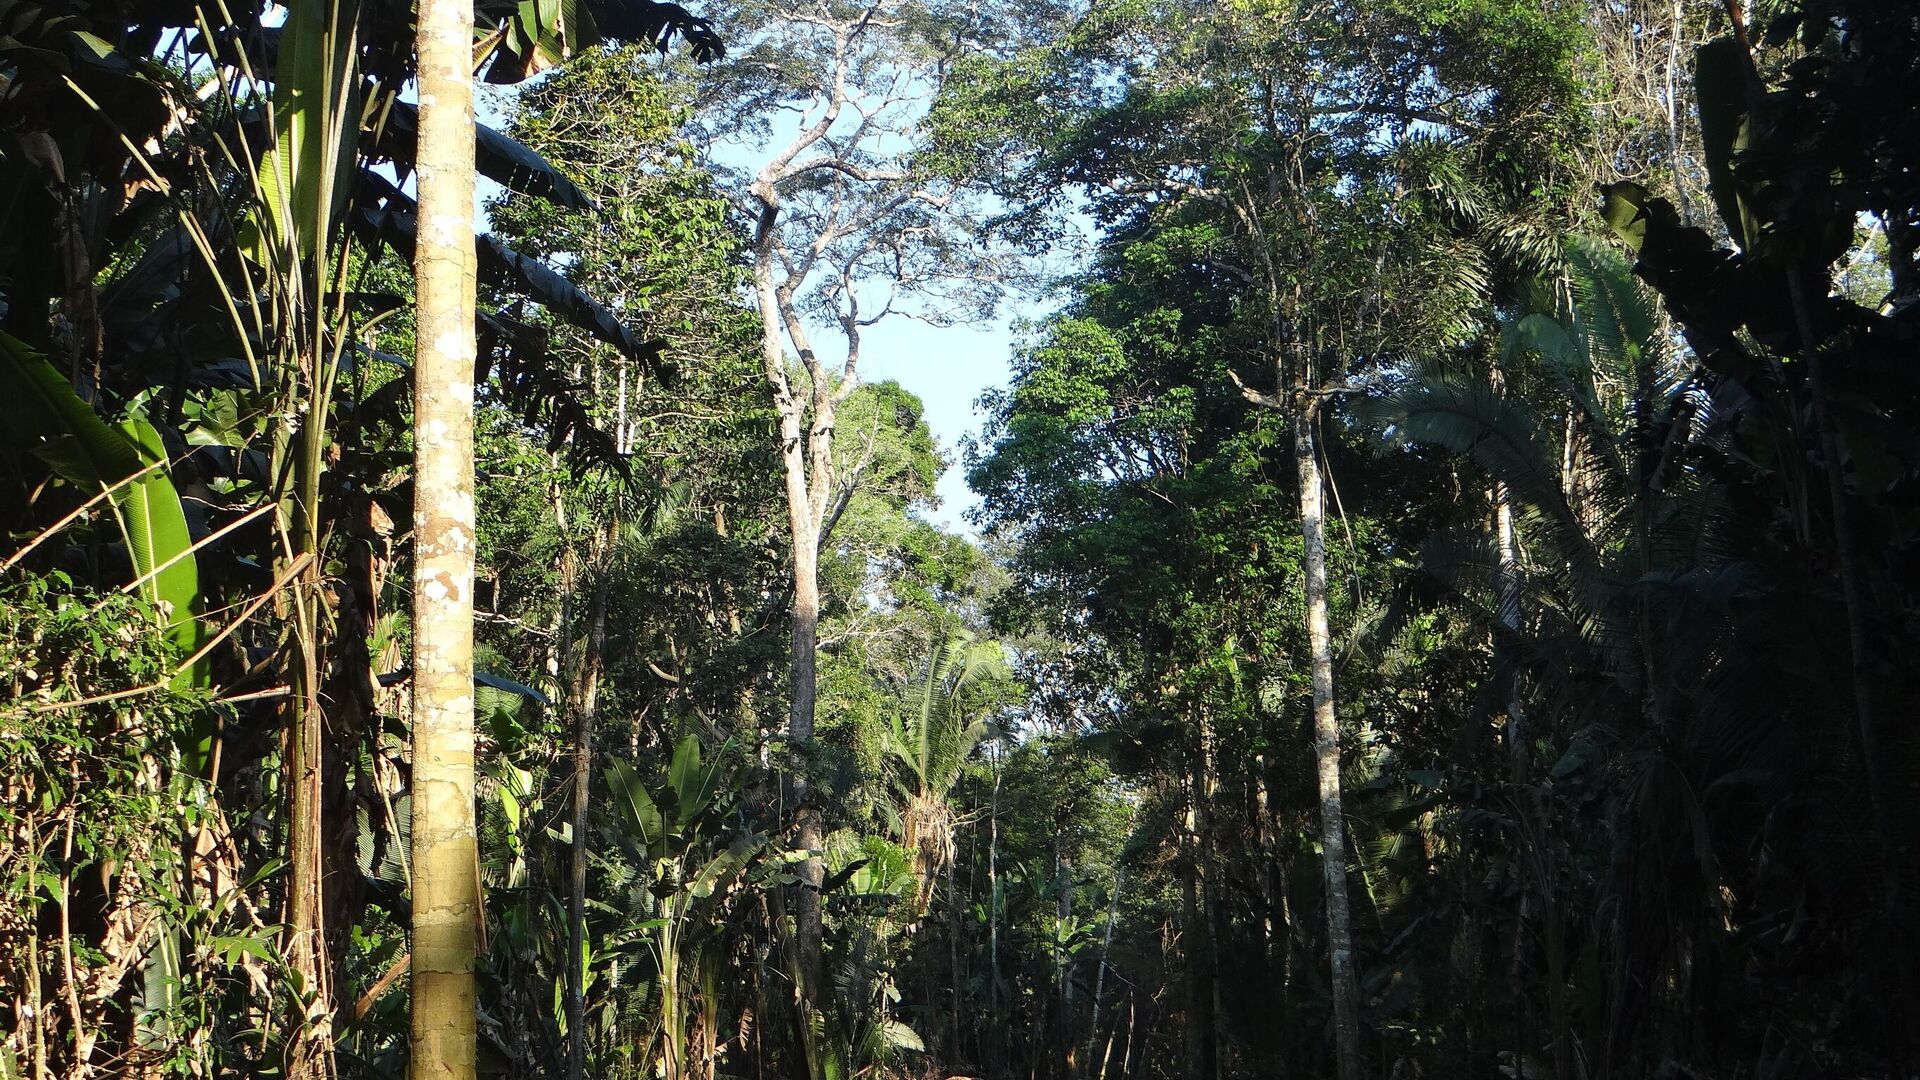 La Amazonia boliviana - Sputnik Mundo, 1920, 27.04.2021